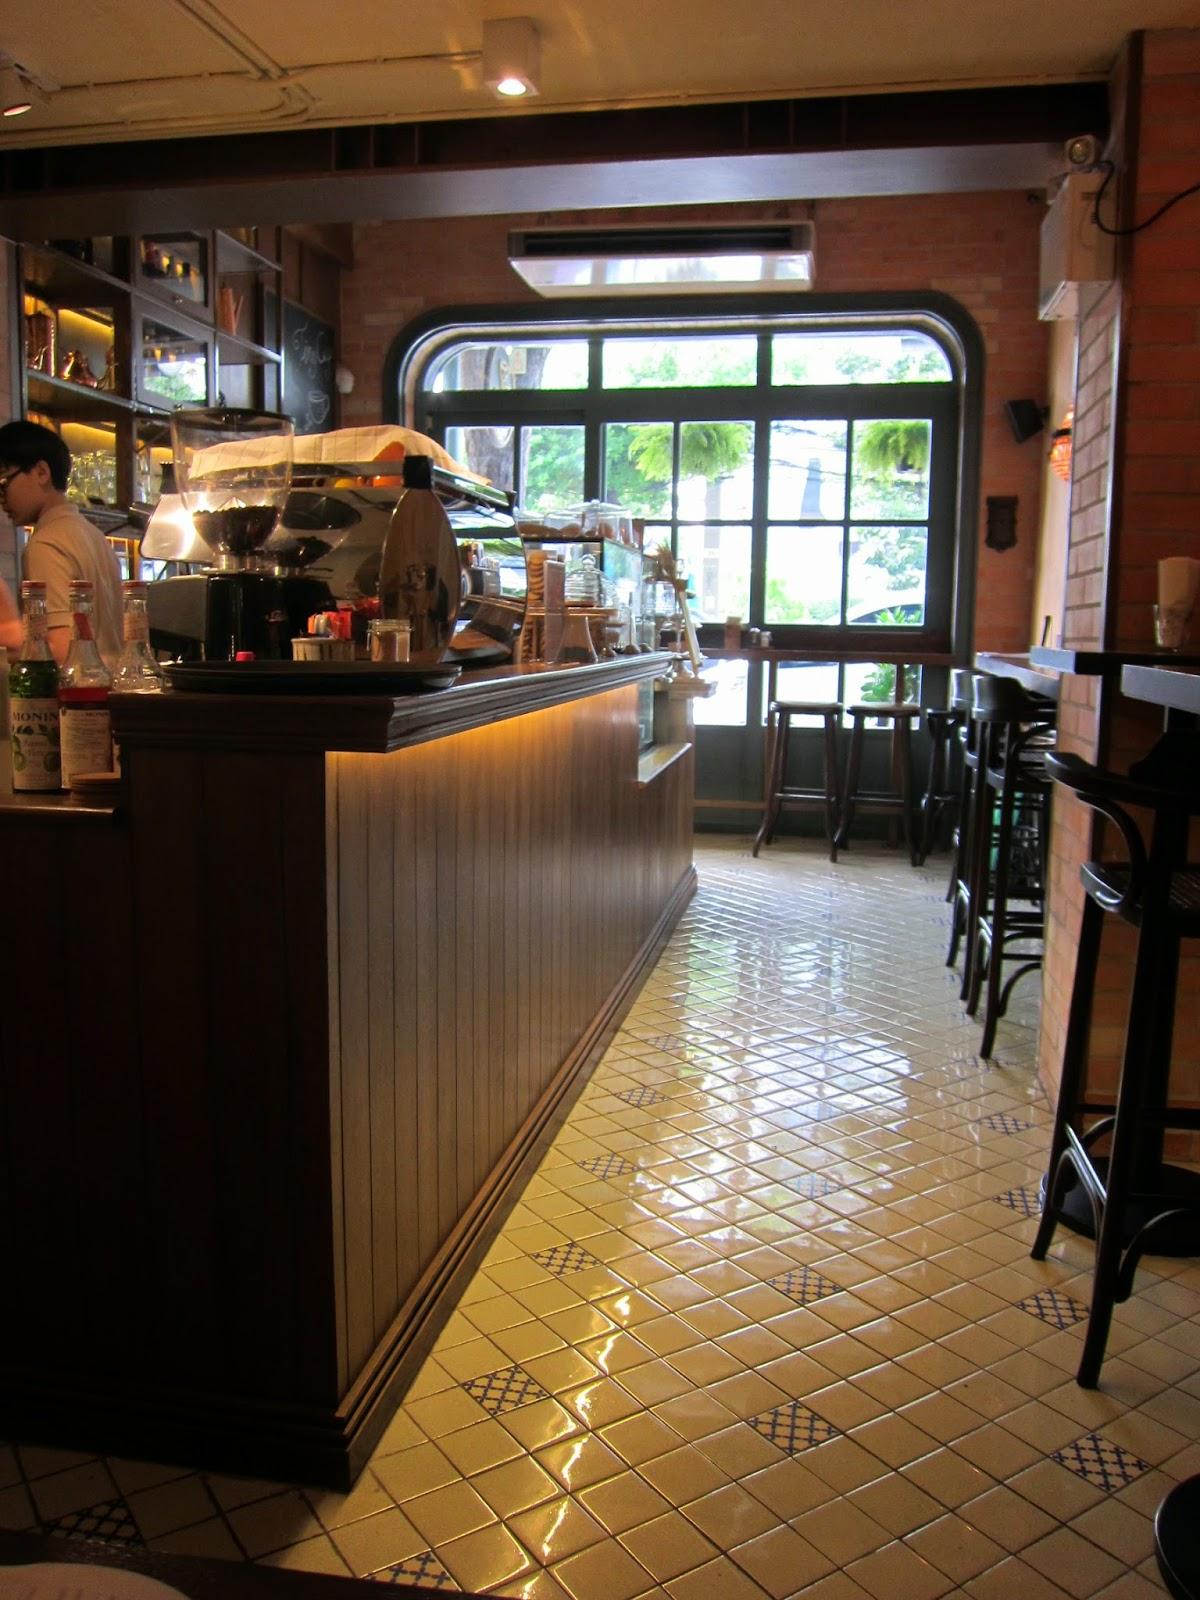 tiny wooden cafe ile ilgili görsel sonucu